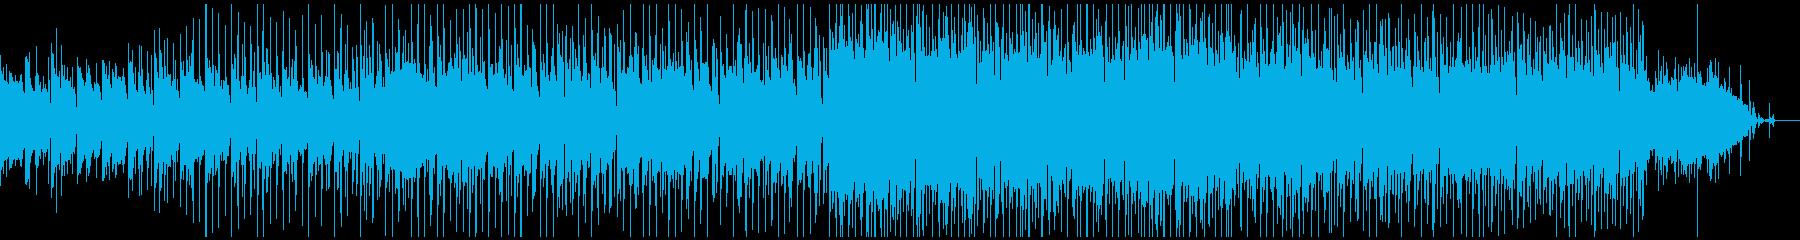 情熱的なバトルBGM風の四つ打ちテクノの再生済みの波形